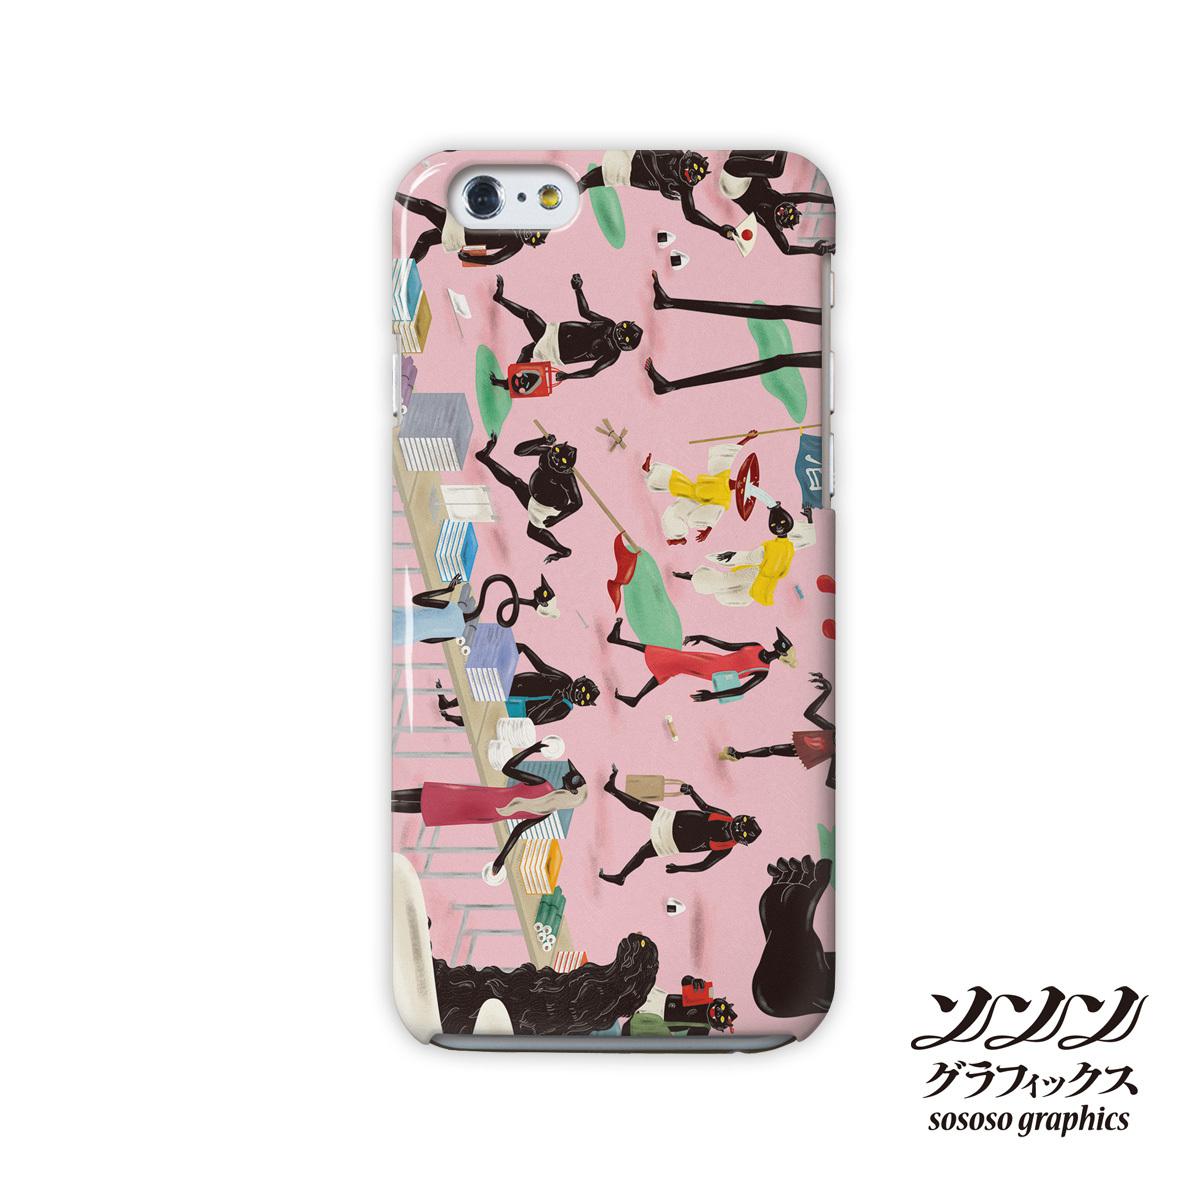 iphone8 ハードケース おしゃれ iphone8 ハードケース シンプル iphone7 ケース かわいい ハード ようかい 妖怪本市/sososo graphics